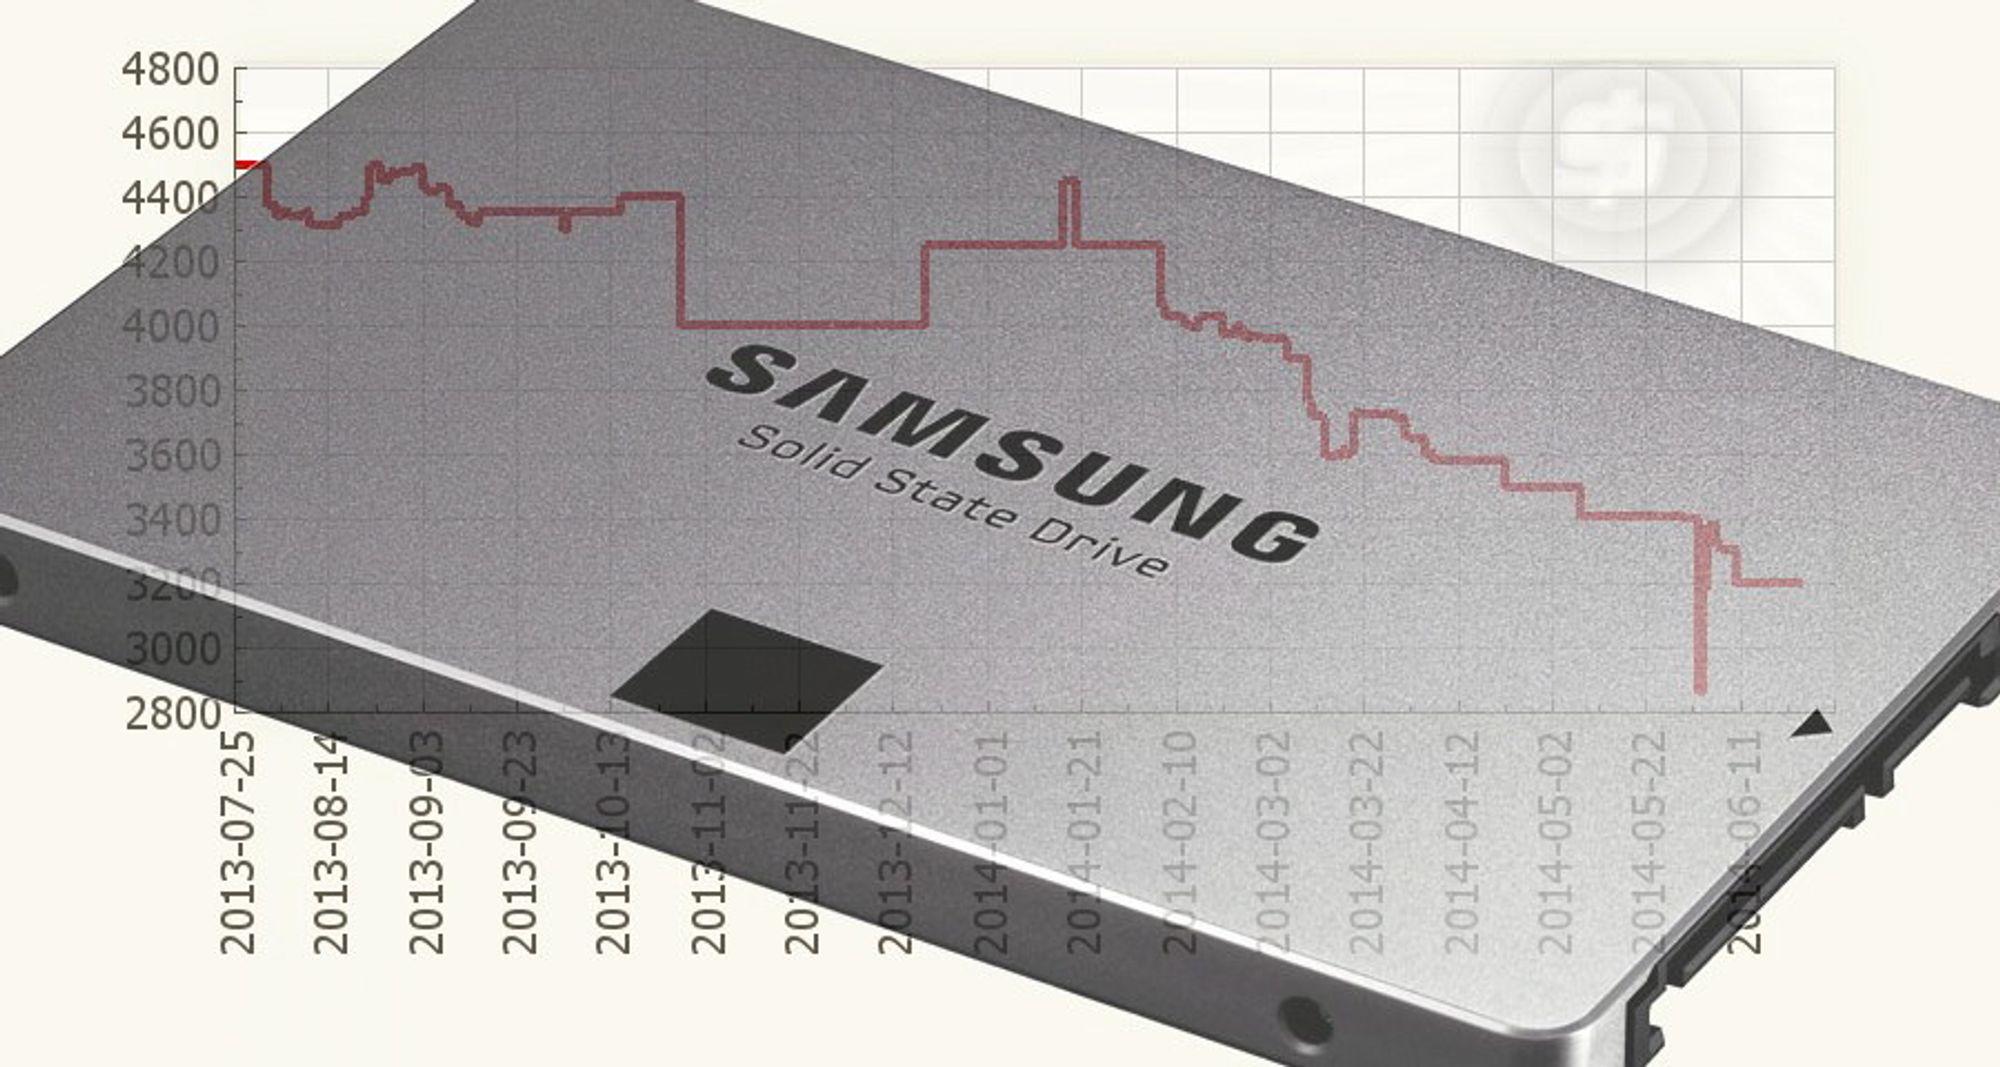 Samsung 840 EVO er i skrivende stund rimeligste SSD med 500 GB kapasitet. Siden januar har prisen sunket med mer enn 1300 kroner, ifølge prisjakt.no